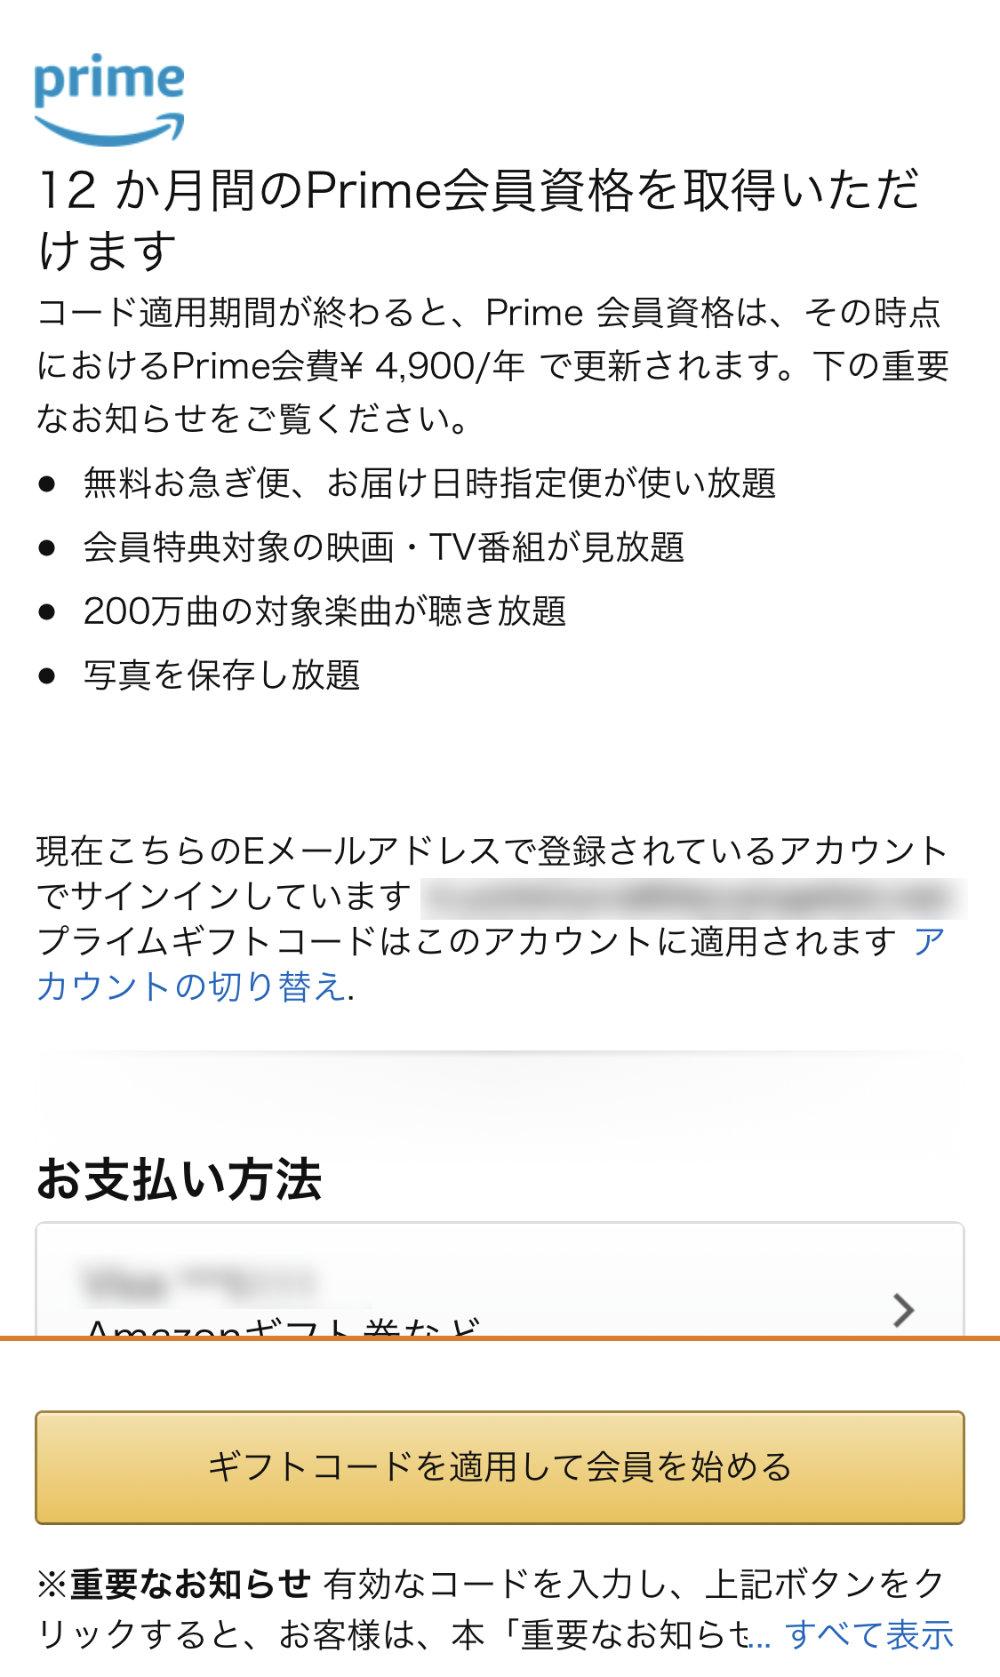 プライム 方法 登録 amazon ドコモ ドコモでAmazonプライムが1年無料|条件と登録できないときの対処方法も